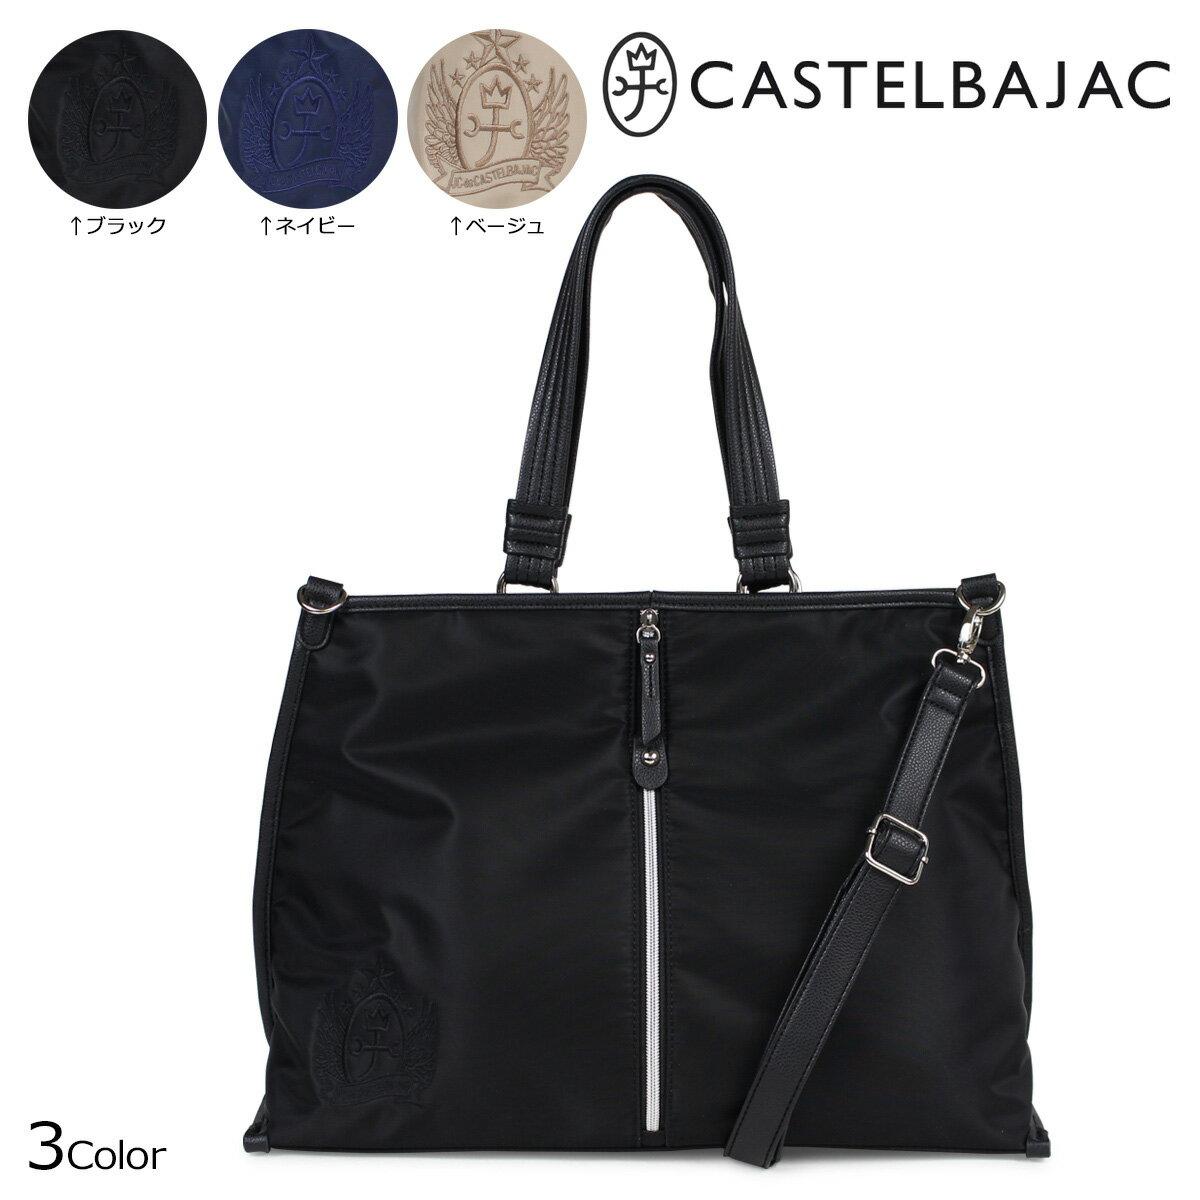 CASTELBAJAC 23603135 カステルバジャック バッグ トートバッグ メンズ